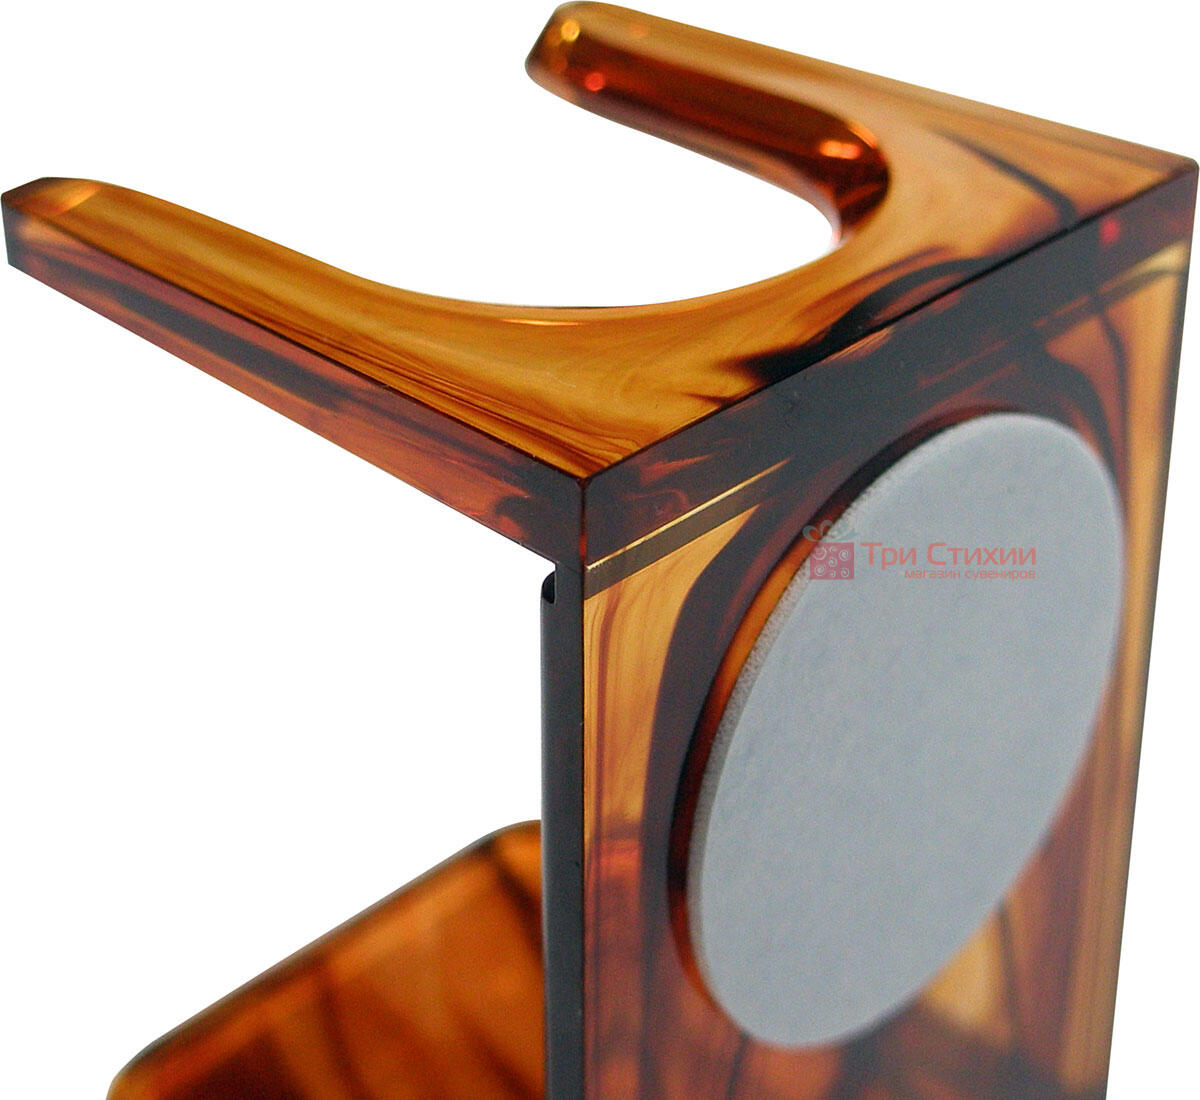 Помазок барсук на подставке Hans Baier 51041-1 на подставке Коричневый, фото 5